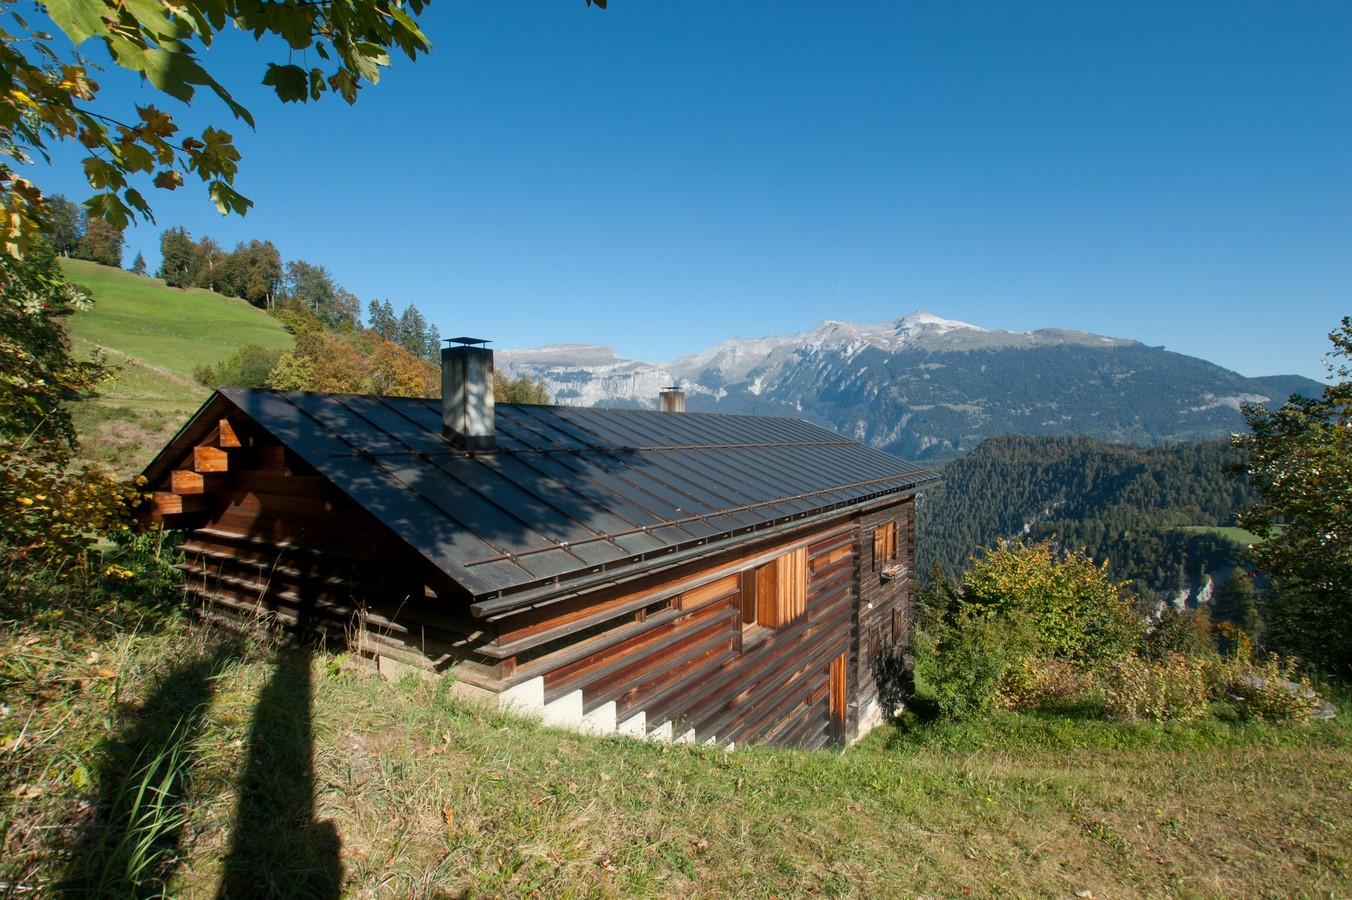 Gugalun House, Versam, Switzerland (1994) - Sheet2